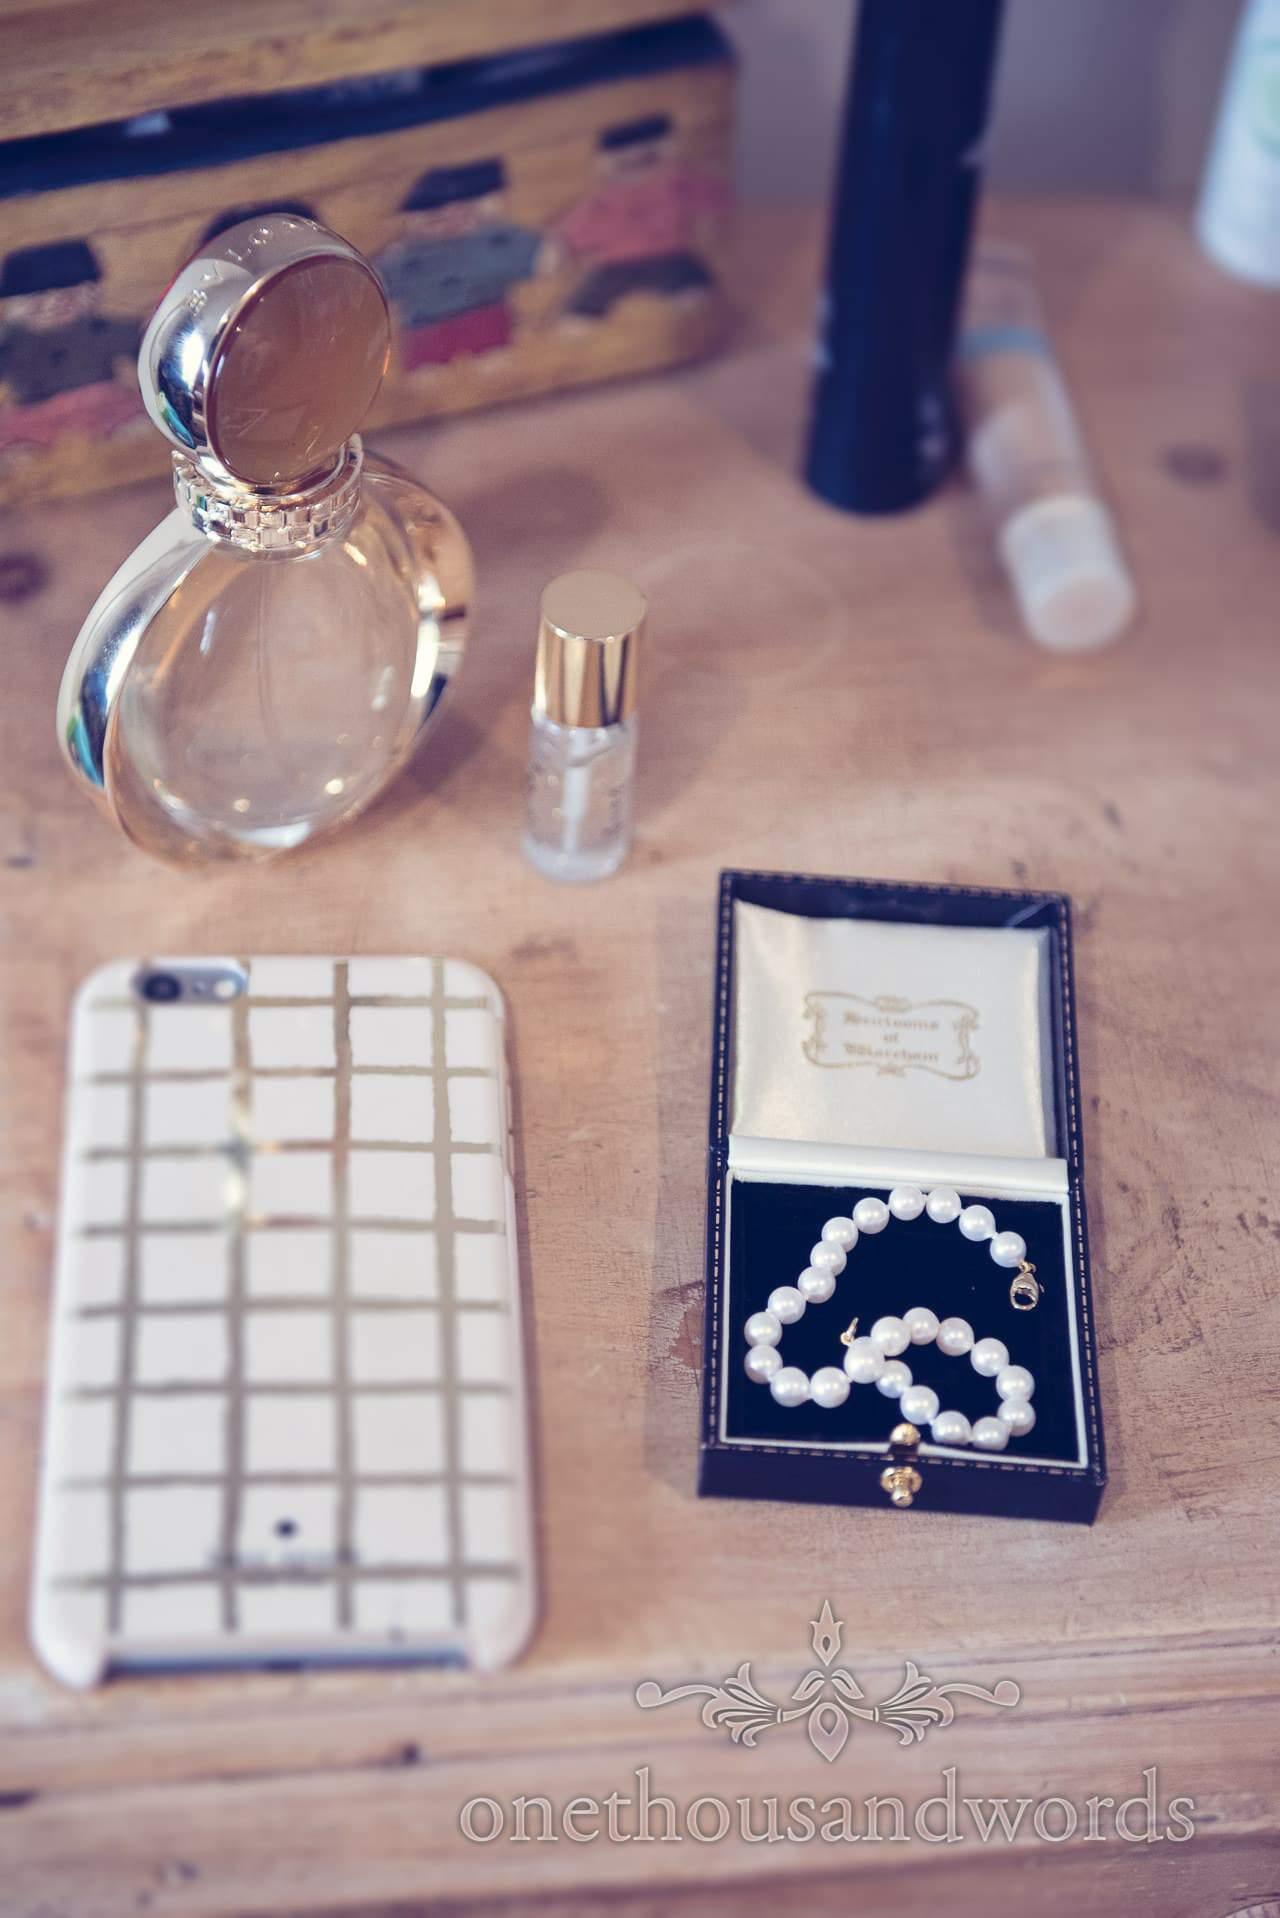 Pearl bracelet wedding gift with wedding perfume